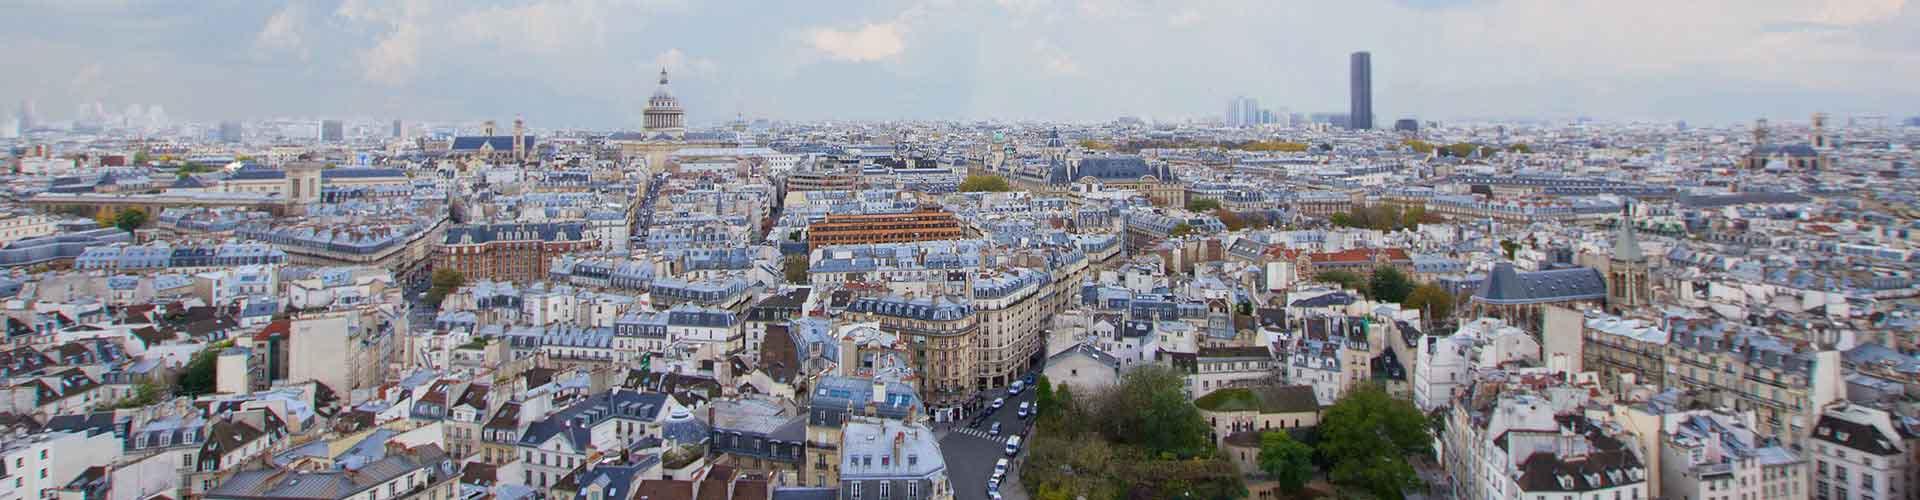 Pariisi – Hostellit kaupungiosassa Latin Quarter. Pariisi -karttoja, valokuvia ja arvosteluja kaikista Pariisi -hostelleista.